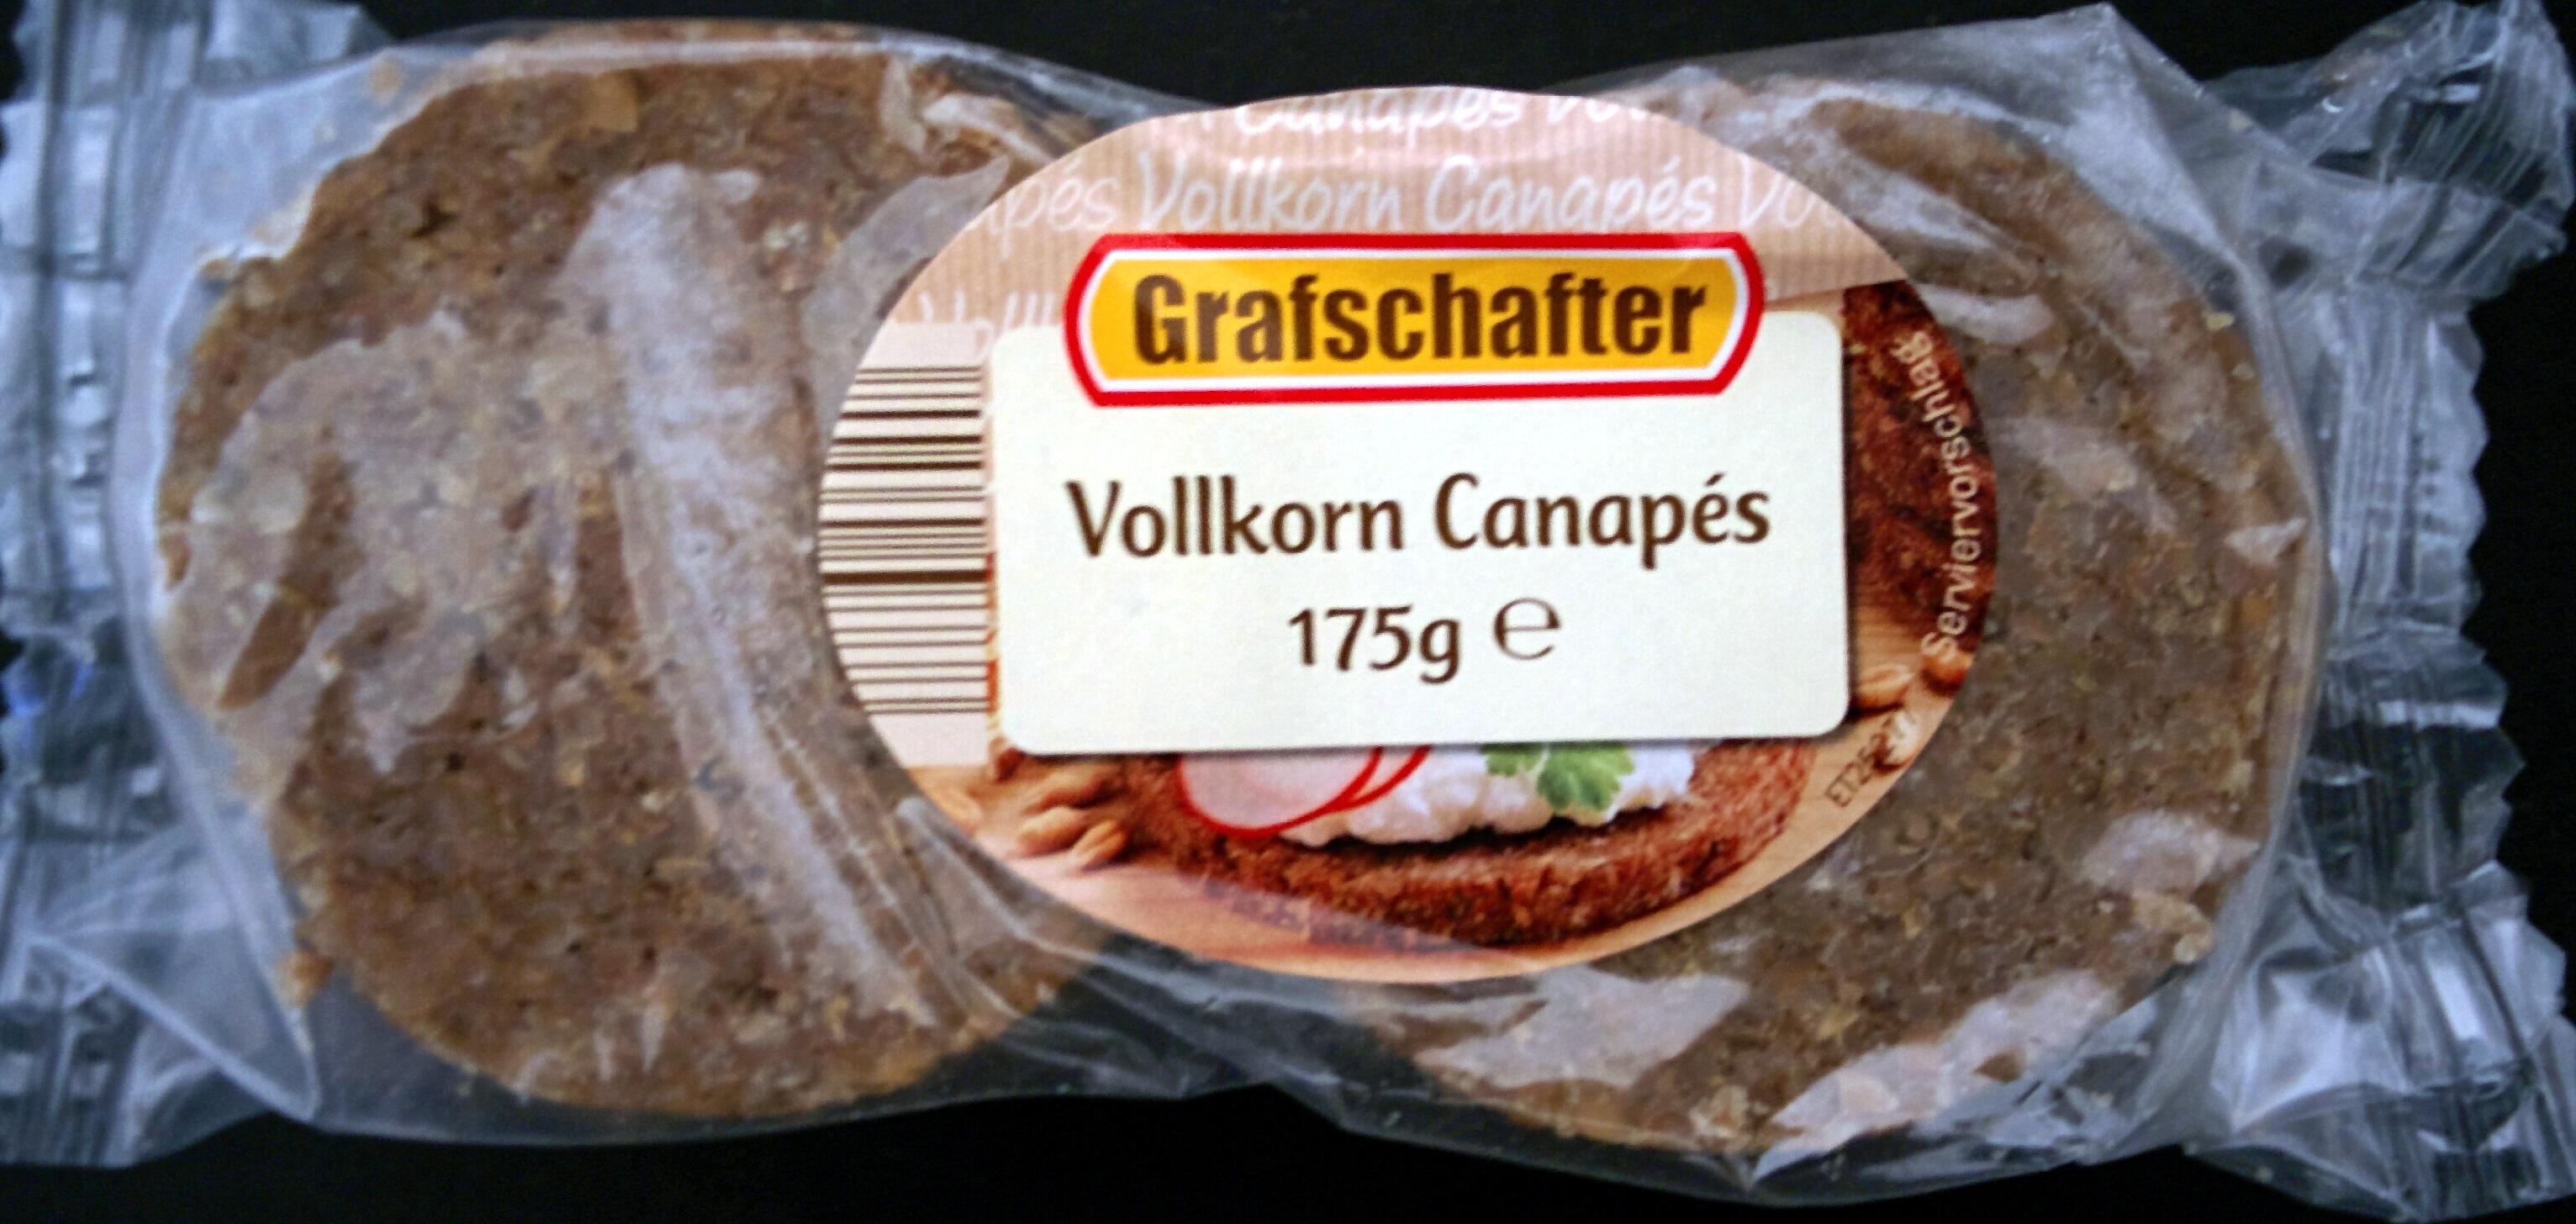 Vollkorn Canapés - Product - de